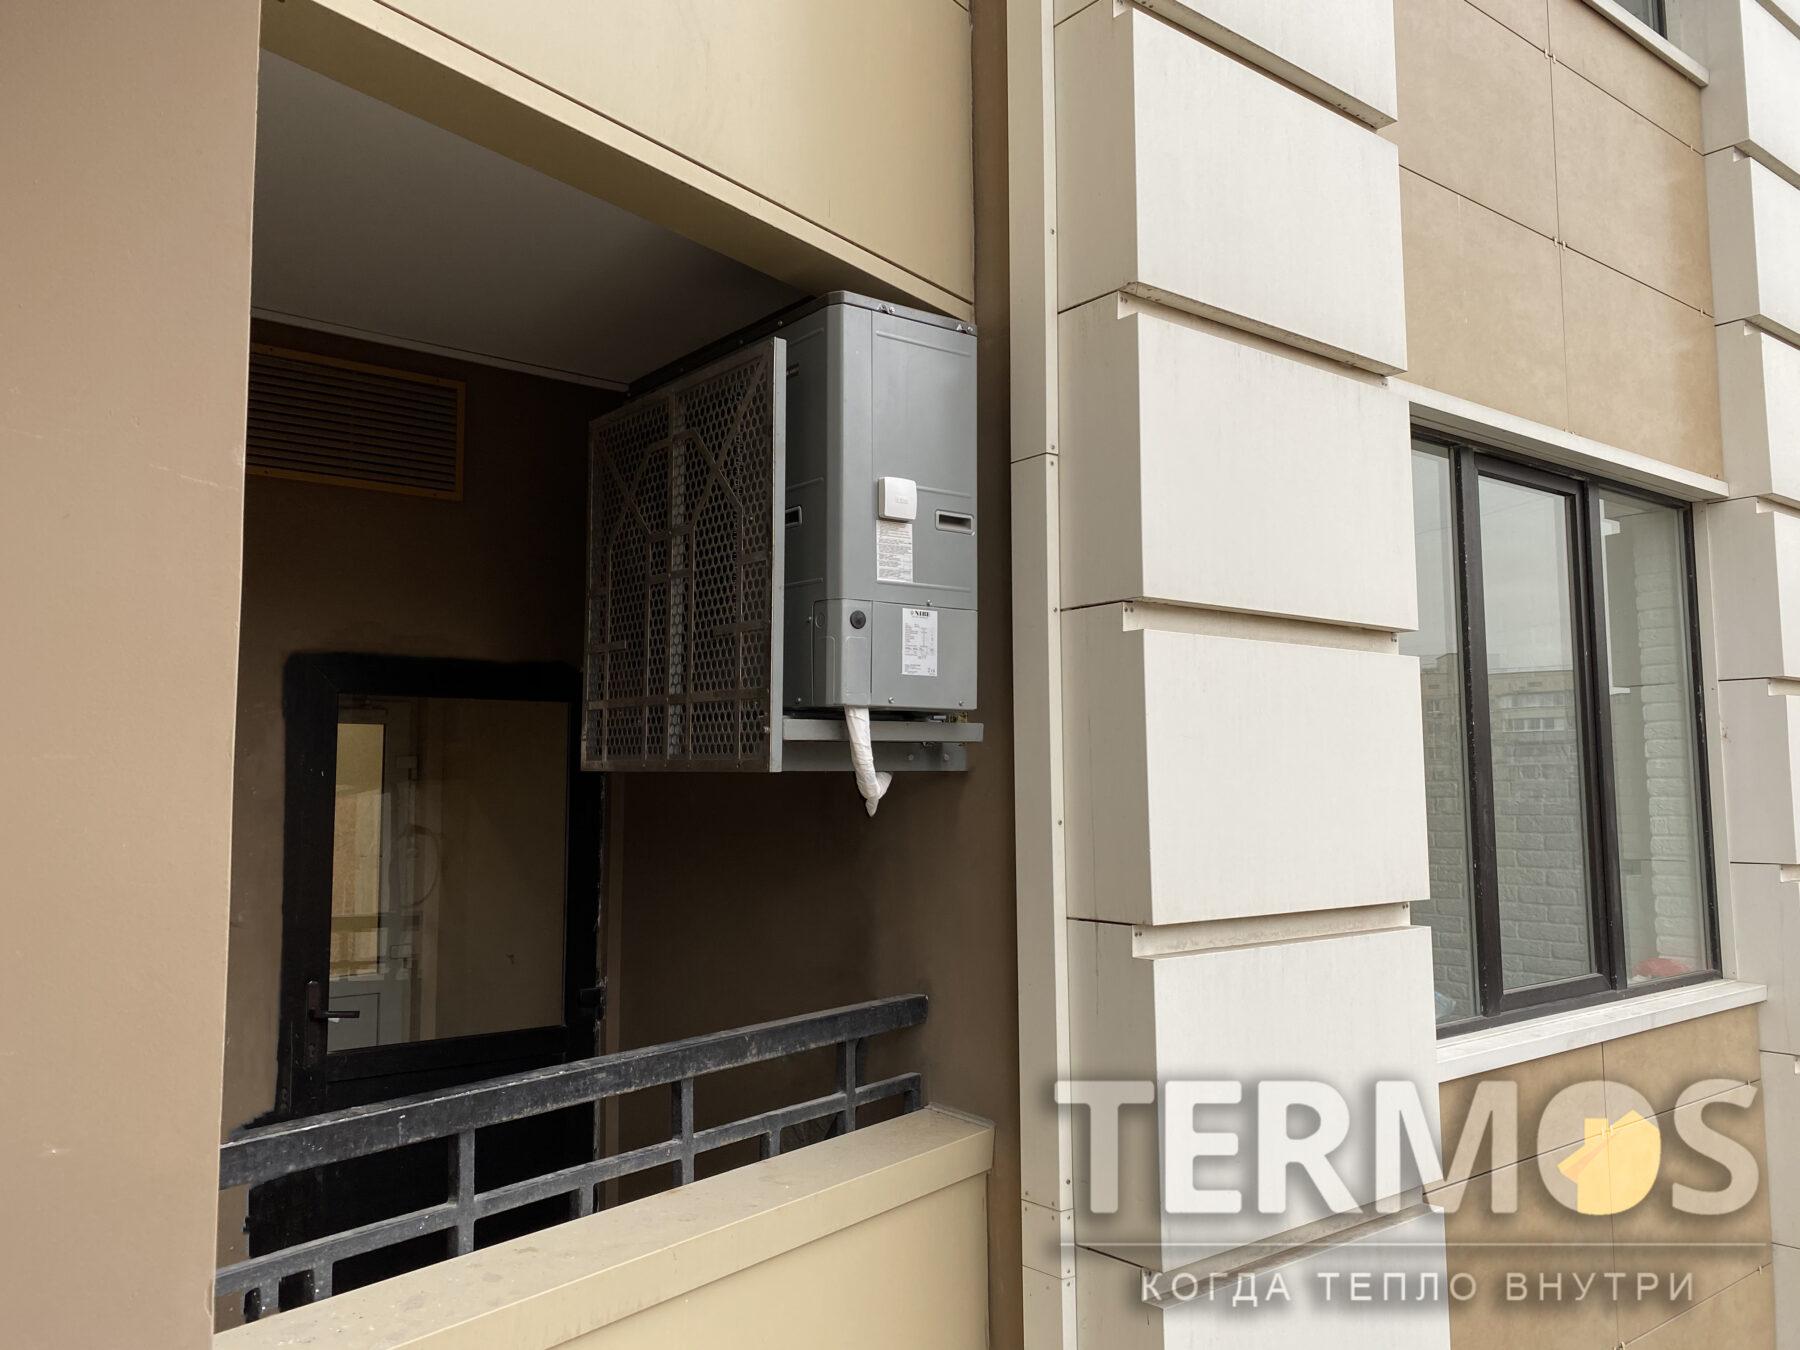 Киев. Квартира 150 кв.м. Воздушный тепловой насос NIBE (Швеция) 12 кВт, с функциями отопления, приготовления горячей воды, охлаждения квартиры летом